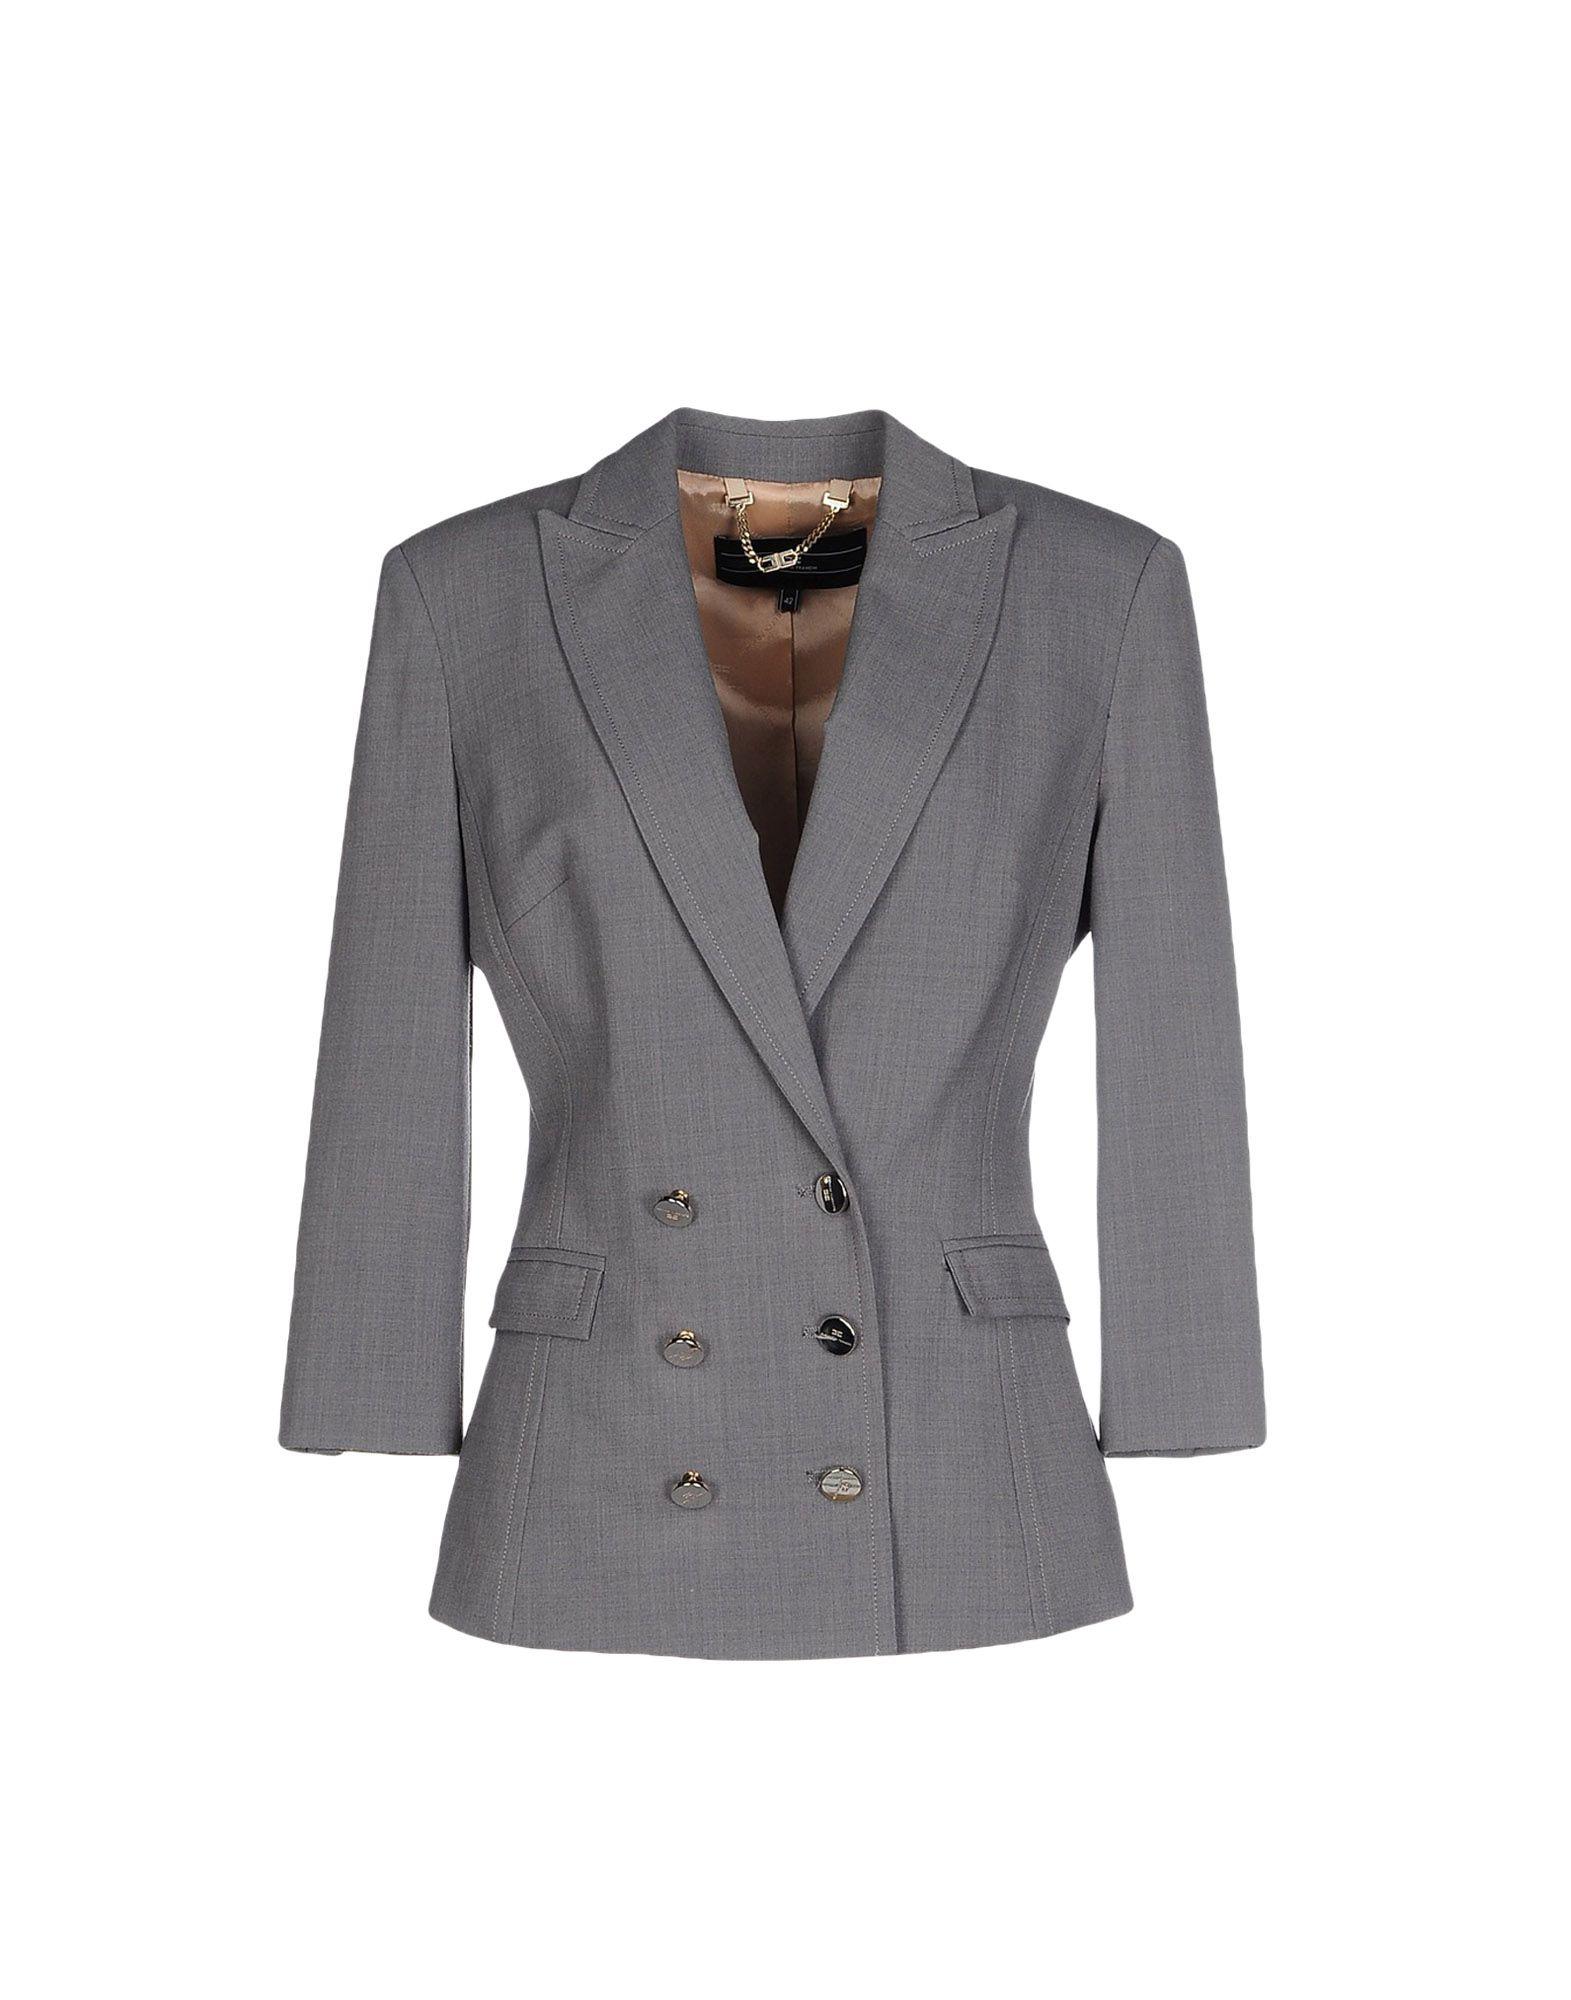 《期間限定セール中》ELISABETTA FRANCHI 24 ORE レディース テーラードジャケット グレー 44 ポリエステル 53% / バージンウール 43% / ポリウレタン 4%